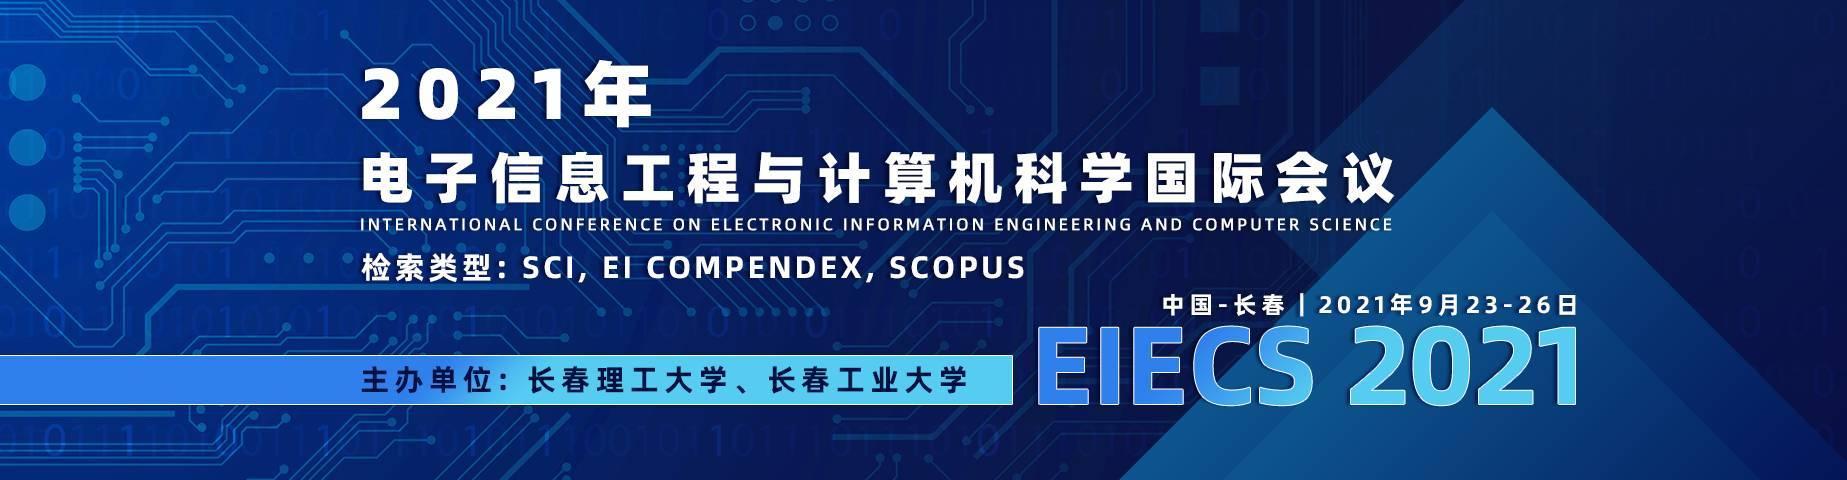 2021年电子信息工程与计算机科学国际会议(EIECS 20